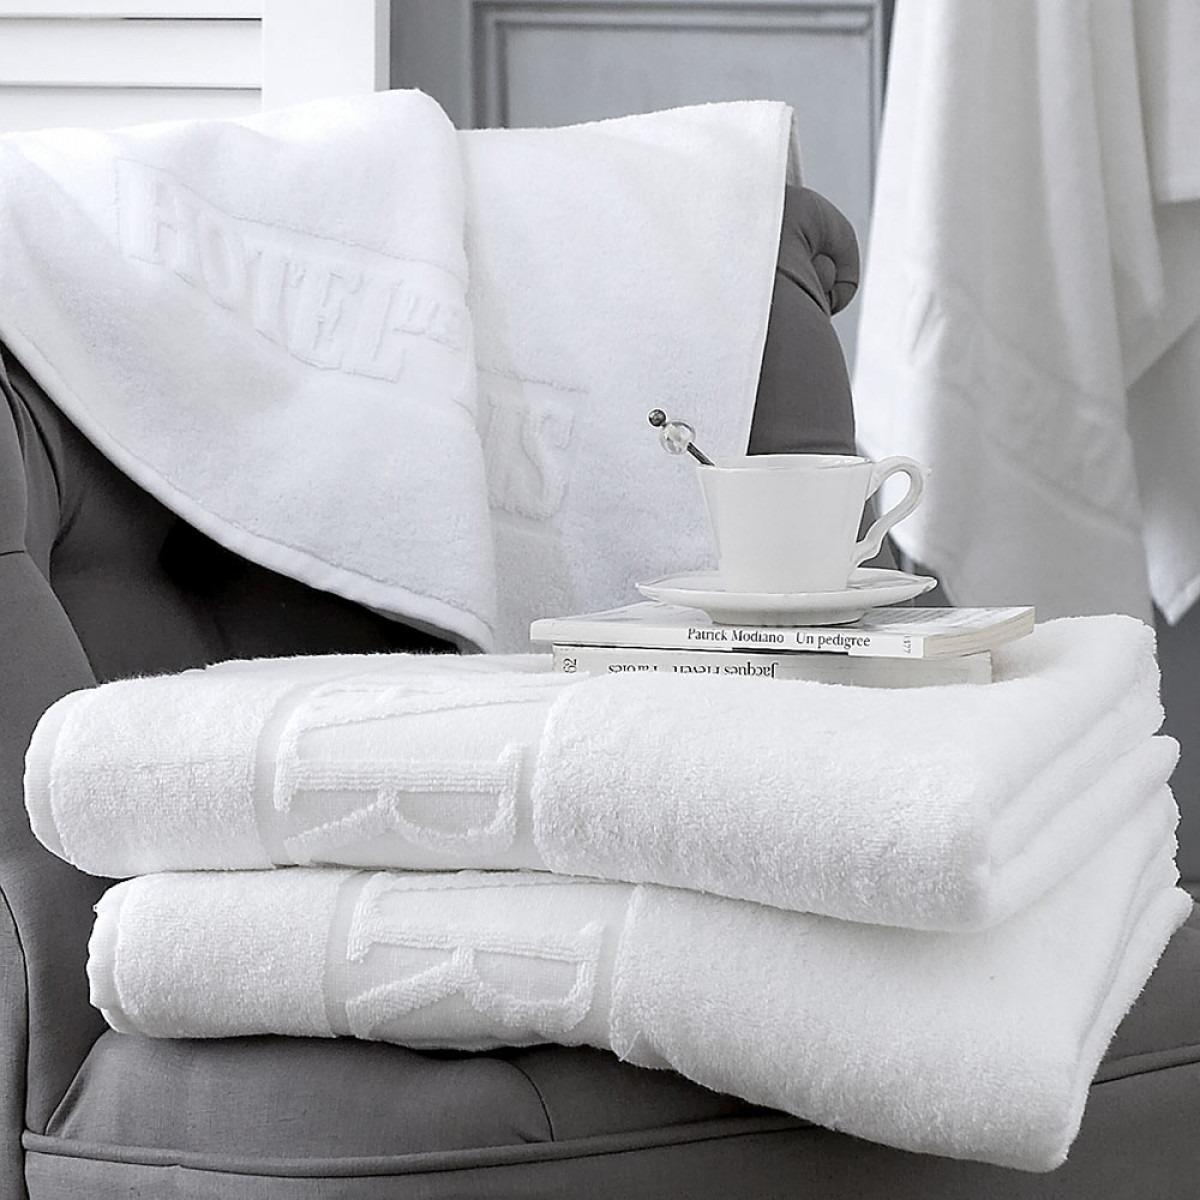 Hotel De Paris White Towels